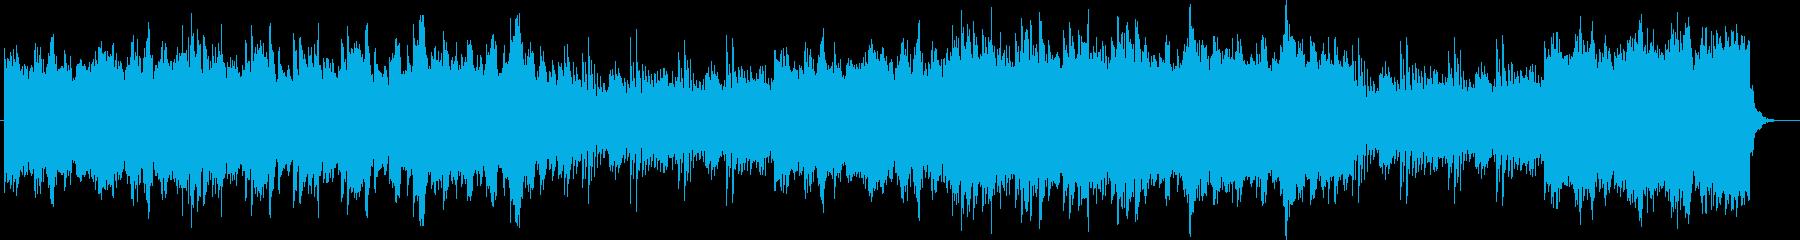 切なく感動的なピアノのバラードの再生済みの波形